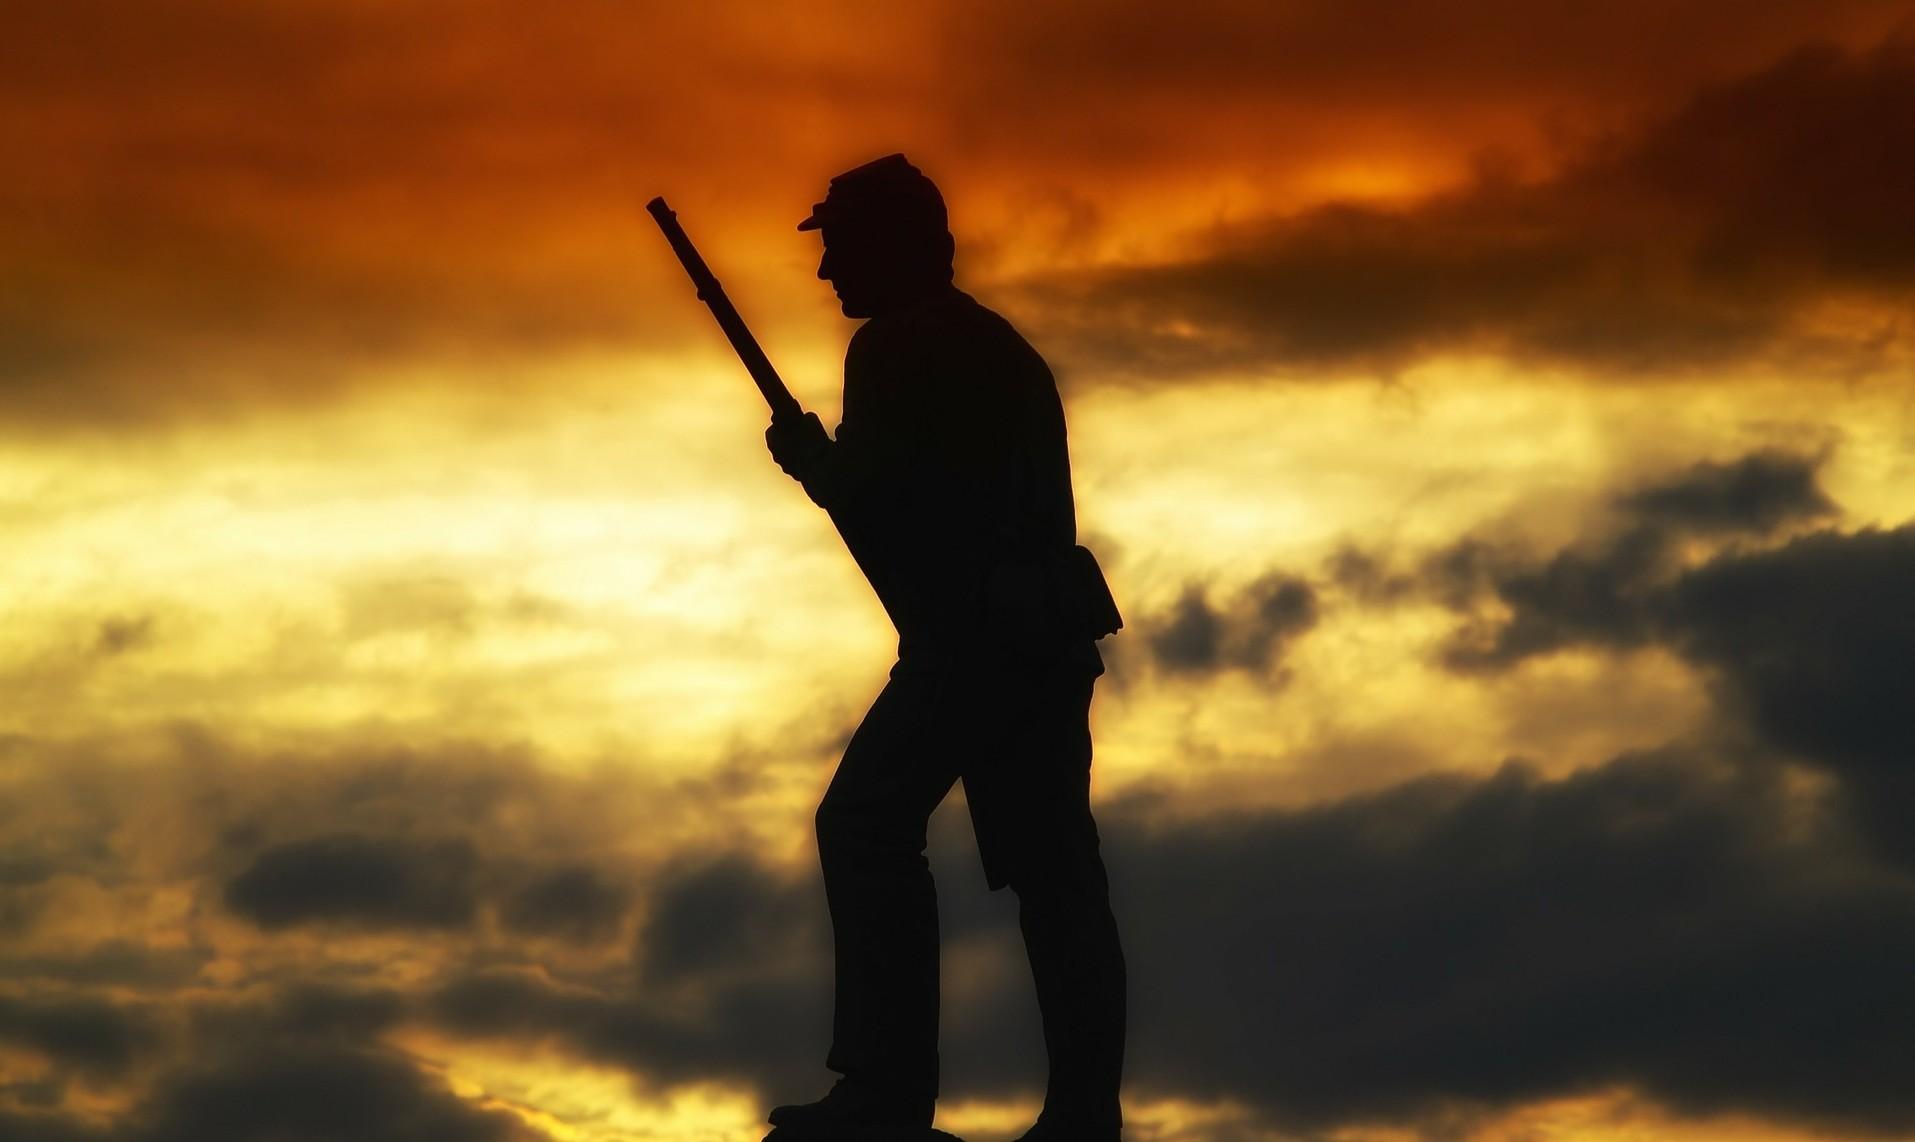 ▲士兵 。(圖/取自免費圖庫pixabay)